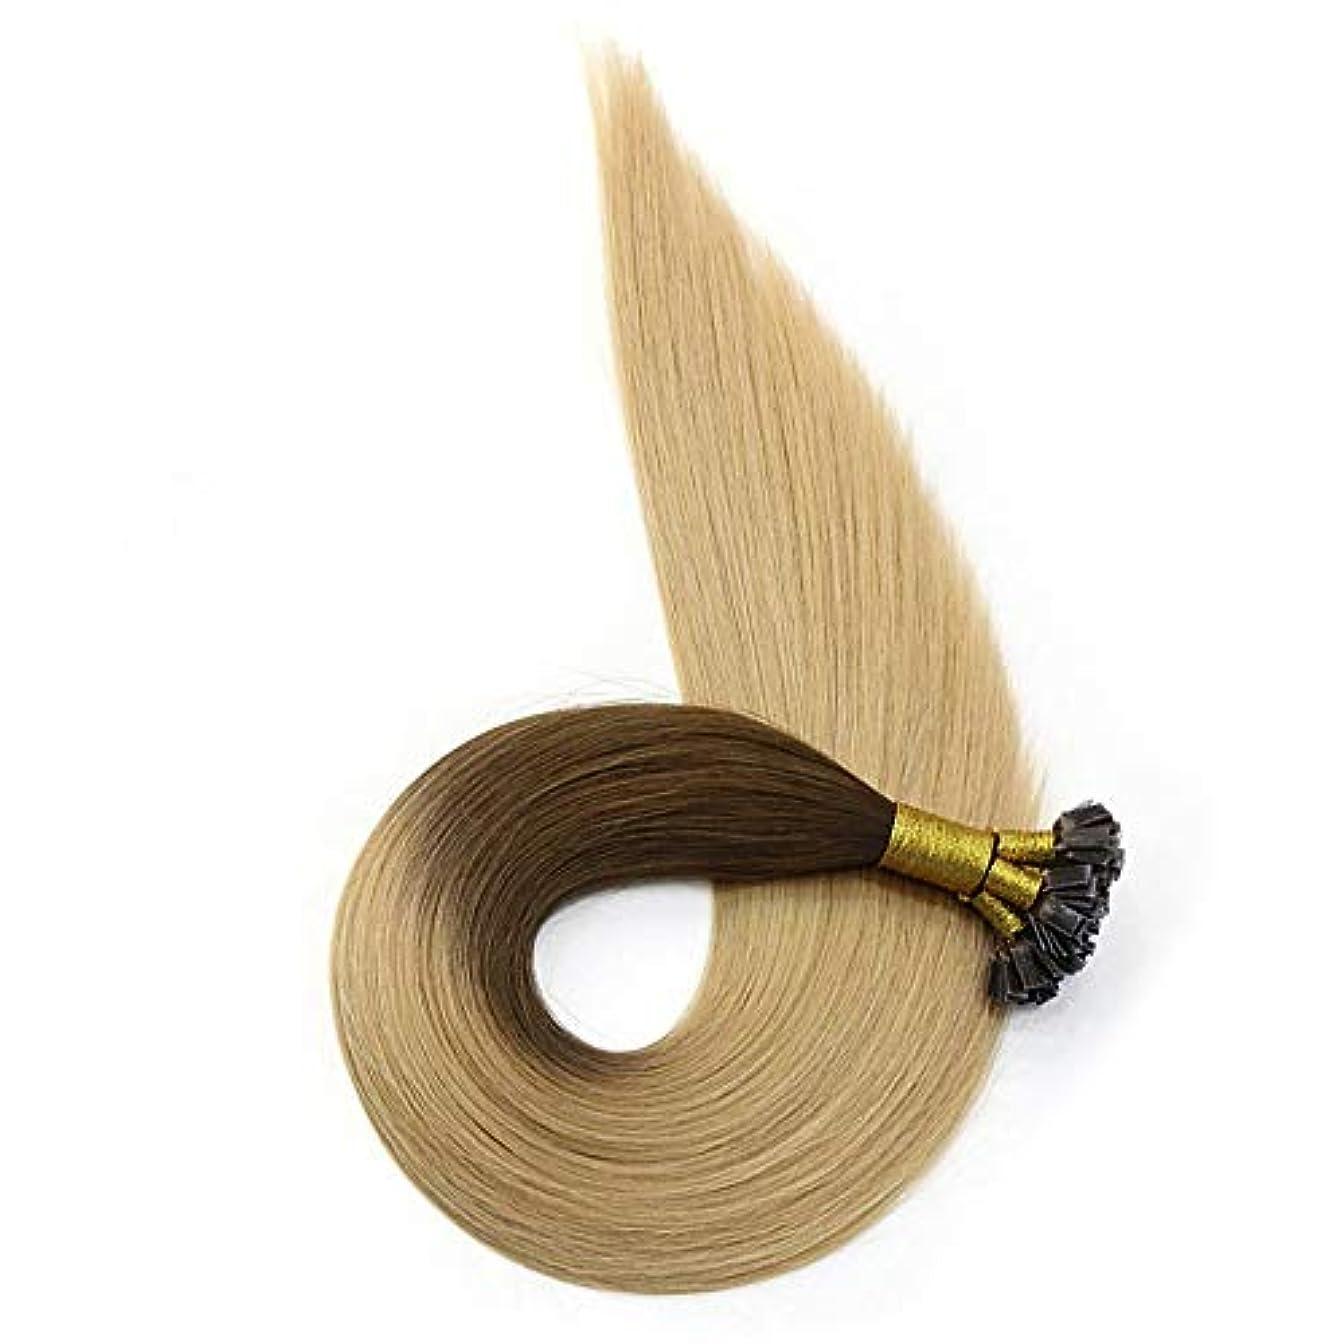 見通し習字持っているWASAIO シームレスな髪型の交換人間の髪グルーミーブラウンブリーチブロンド着色リングでハイライトヘアエクステンションクリップ (色 : Blonde, サイズ : 26 inch)